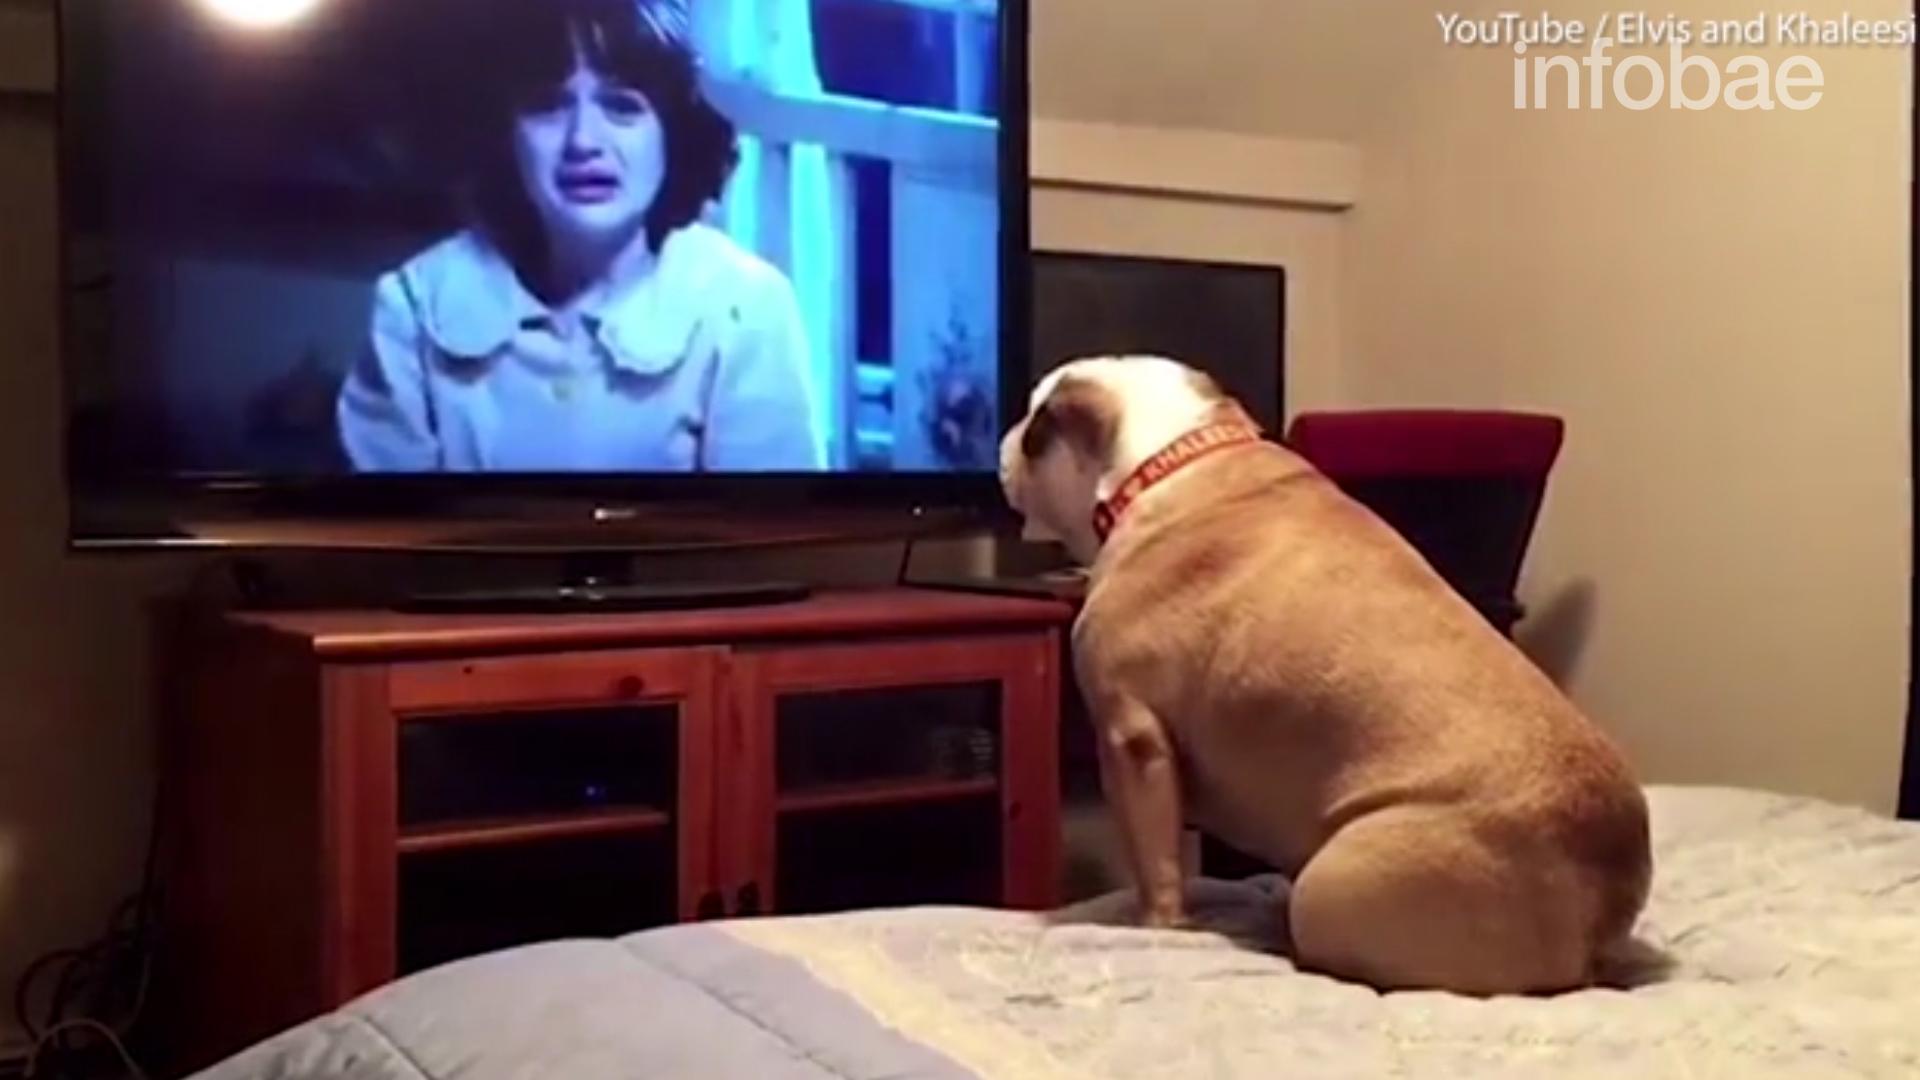 El video viral de Khaleesi, una bulldog inglesade Estado Unidos que cree que los actores pueden escuchar sus ladridos de alerta